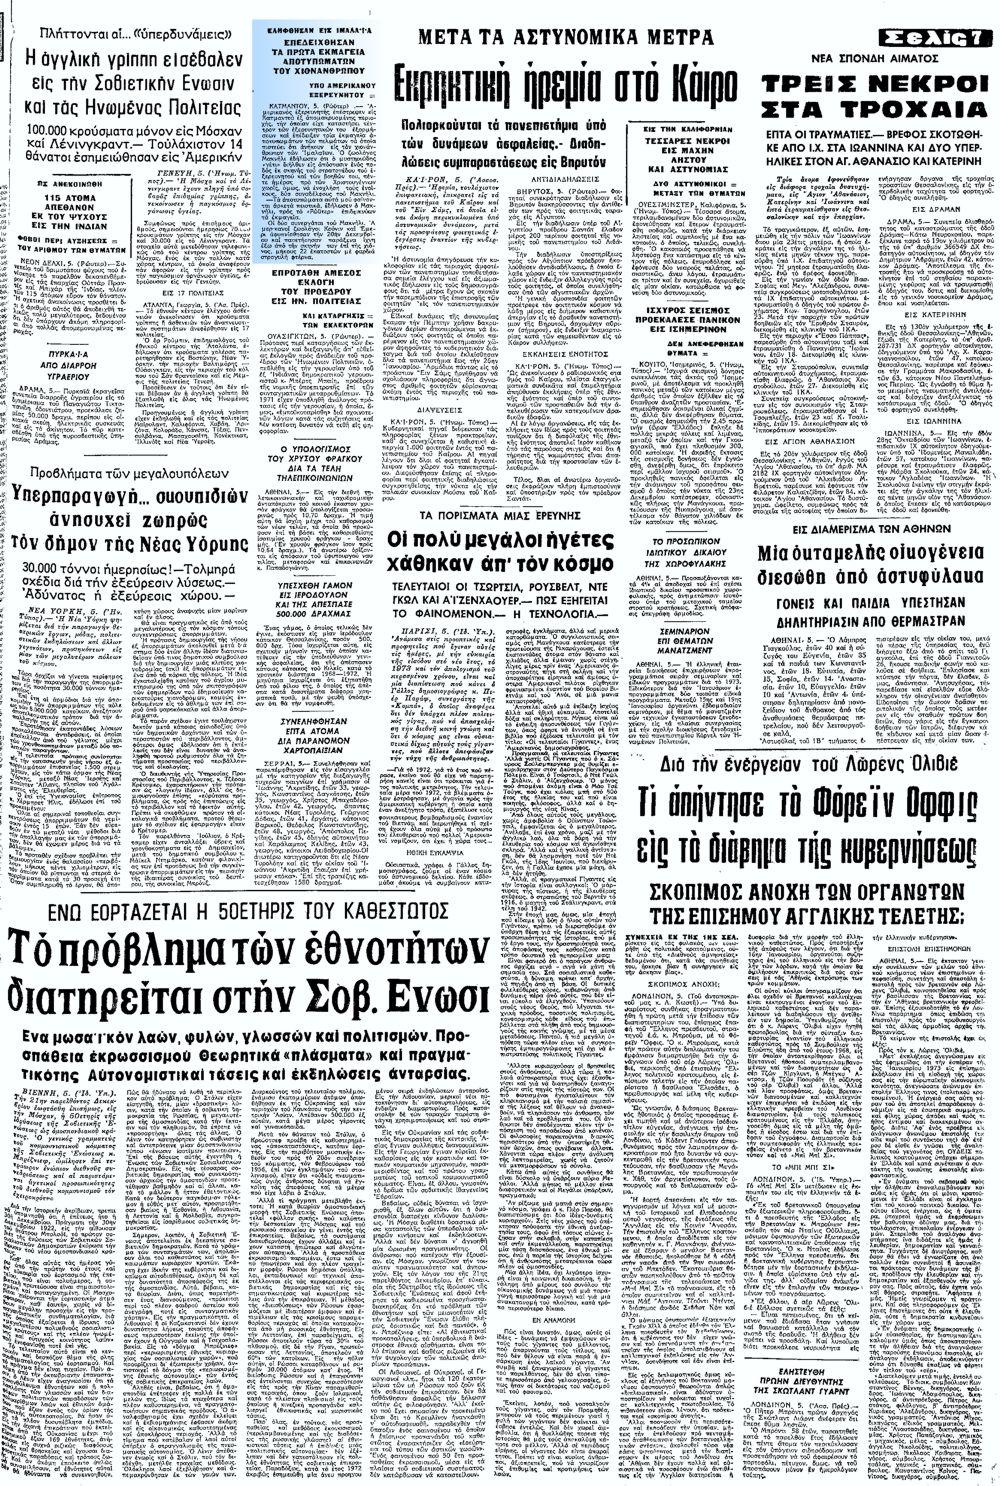 """Το άρθρο, όπως δημοσιεύθηκε στην εφημερίδα """"ΜΑΚΕΔΟΝΙΑ"""", στις 06/01/1973"""